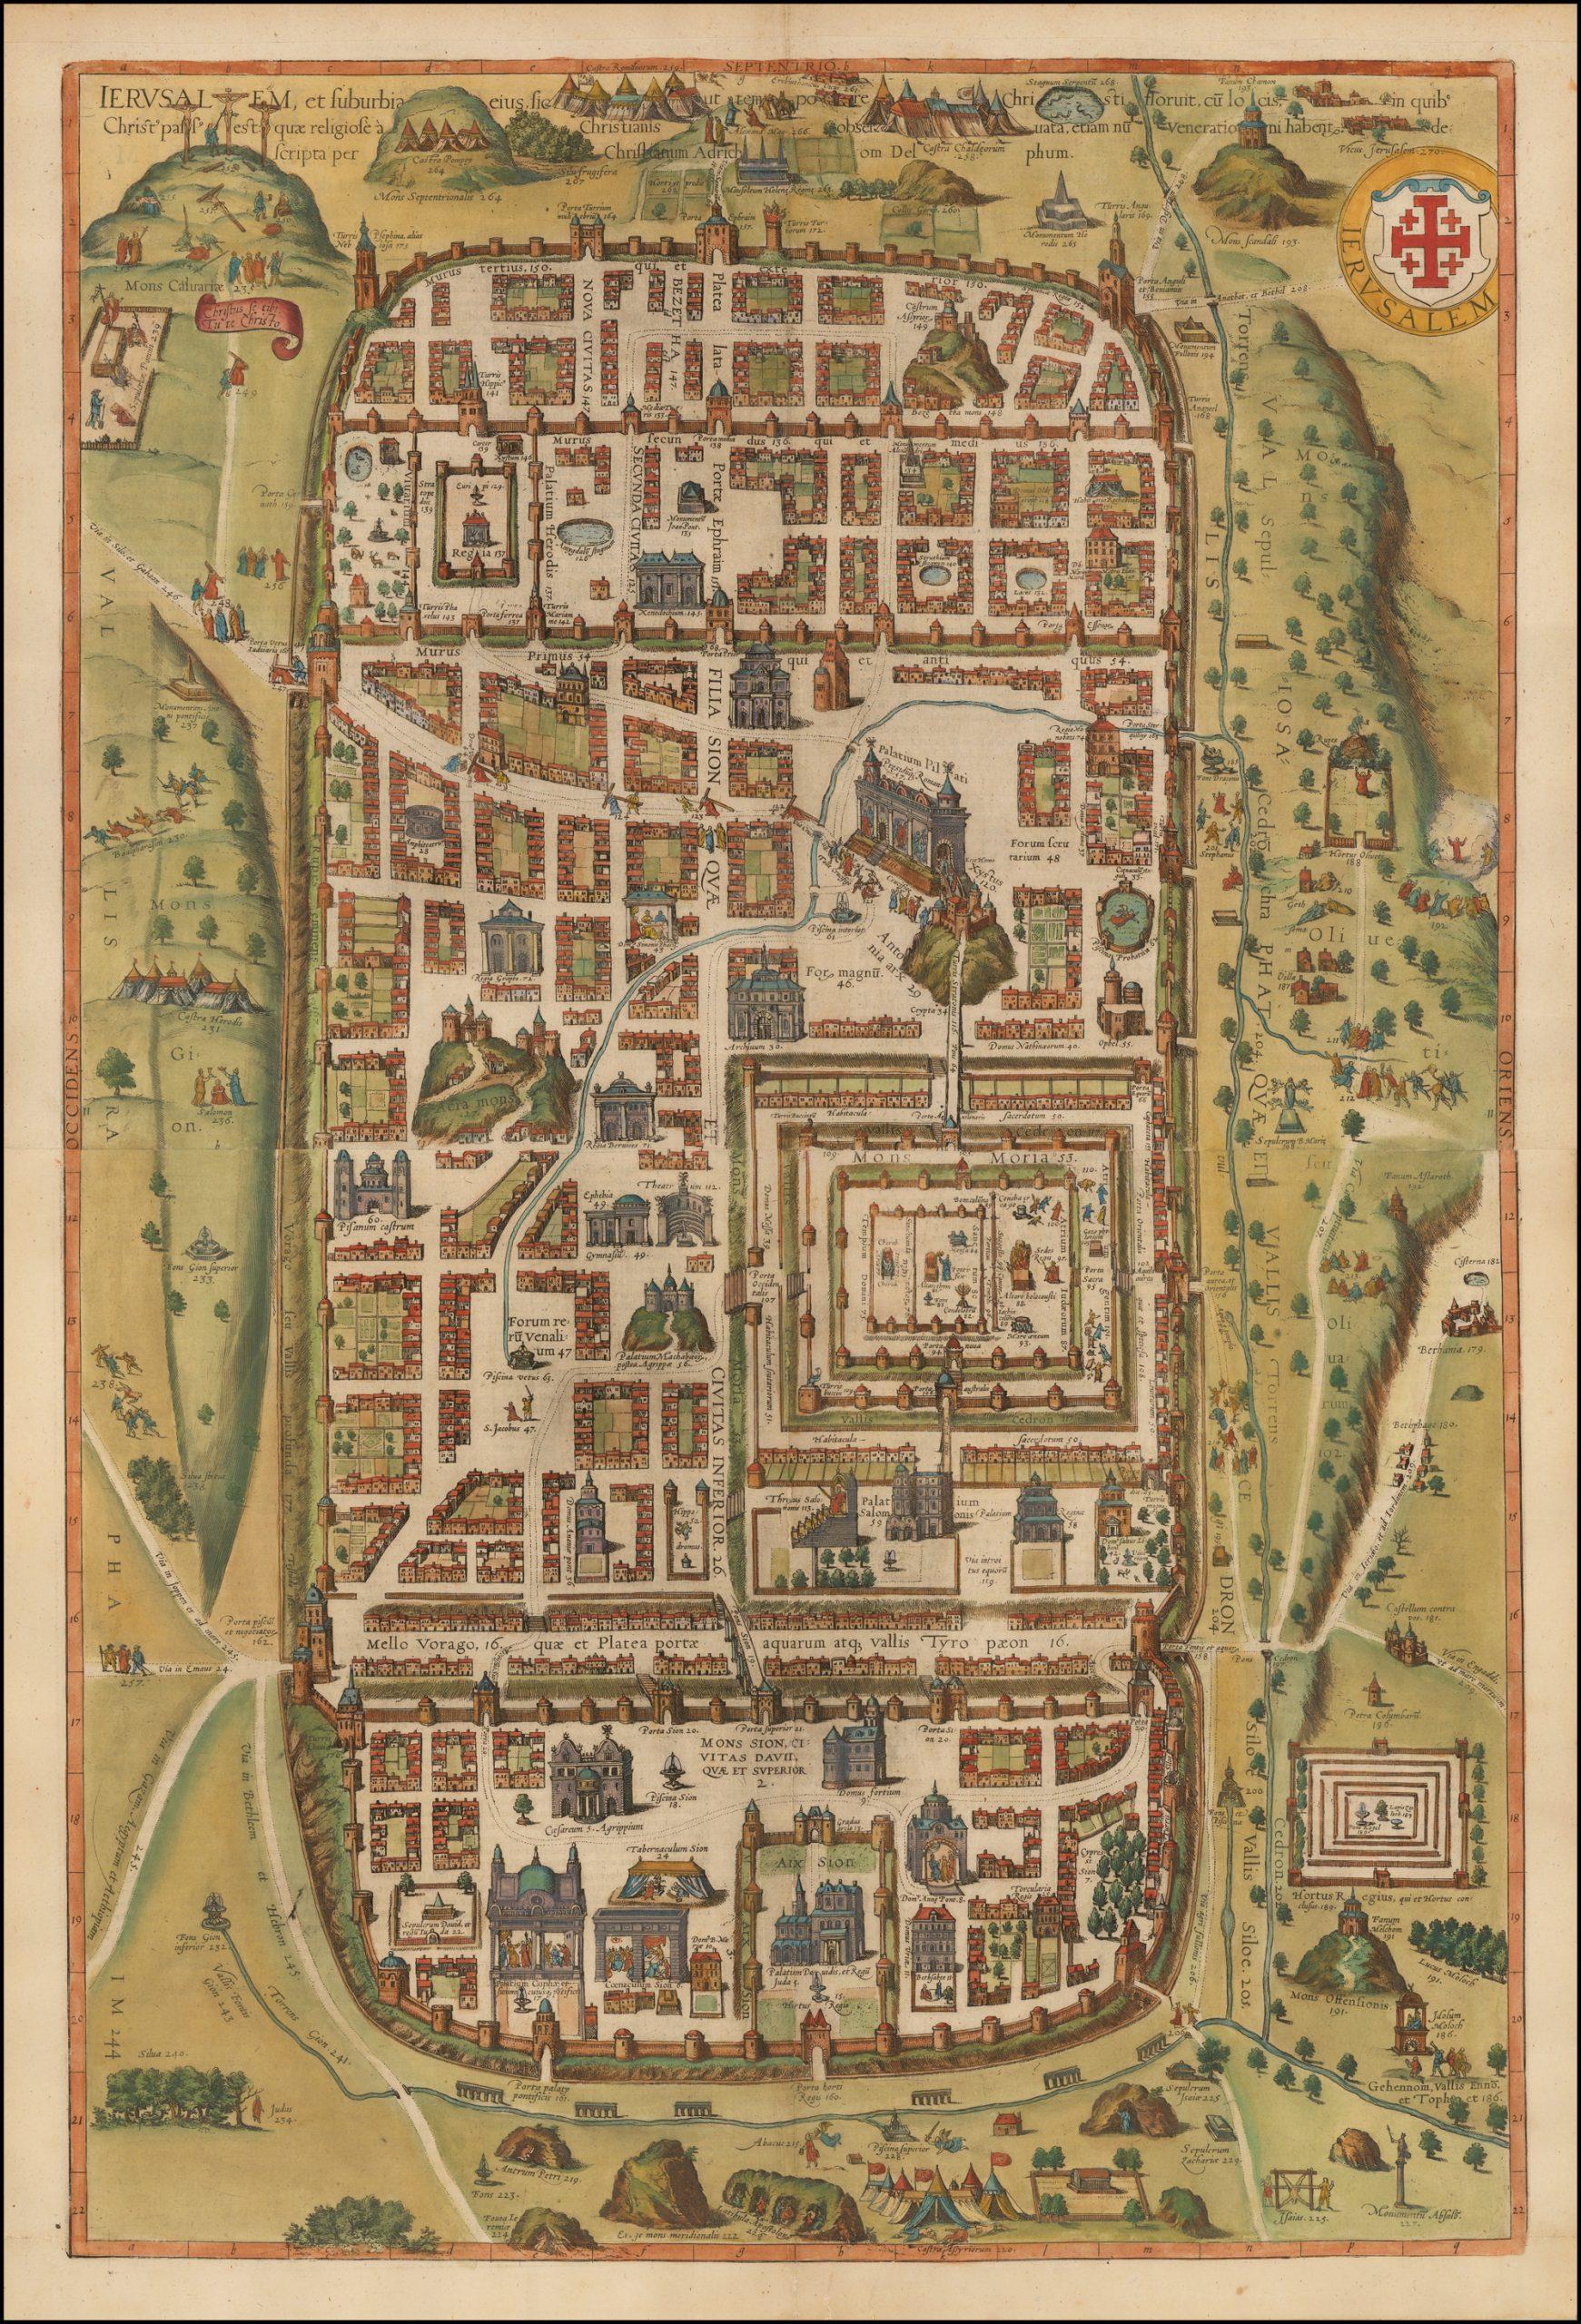 Старинная карта Иерусалима работы Брауна и Хогенберга, сделанная в 1588 году